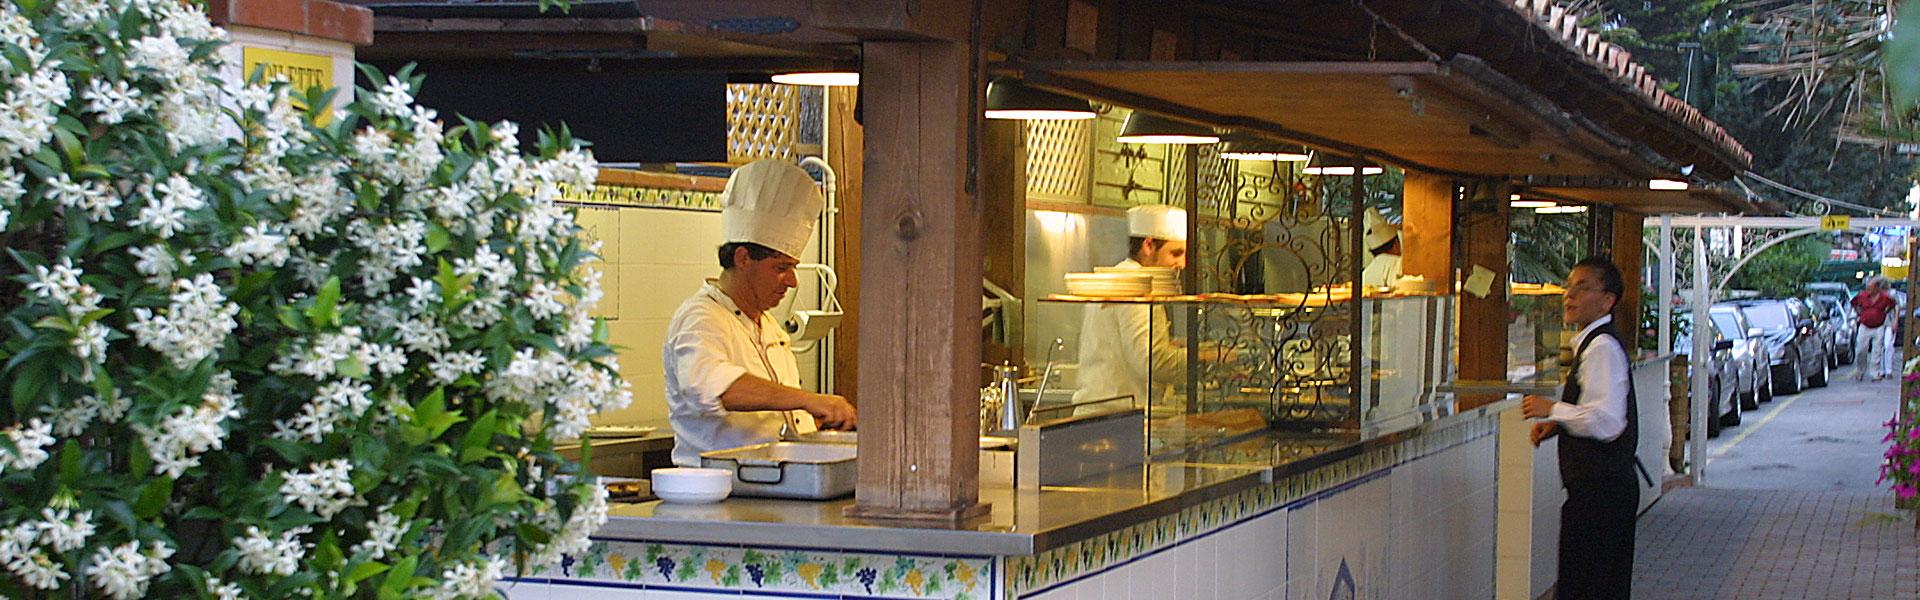 jesolo-ristorante-in-pineta